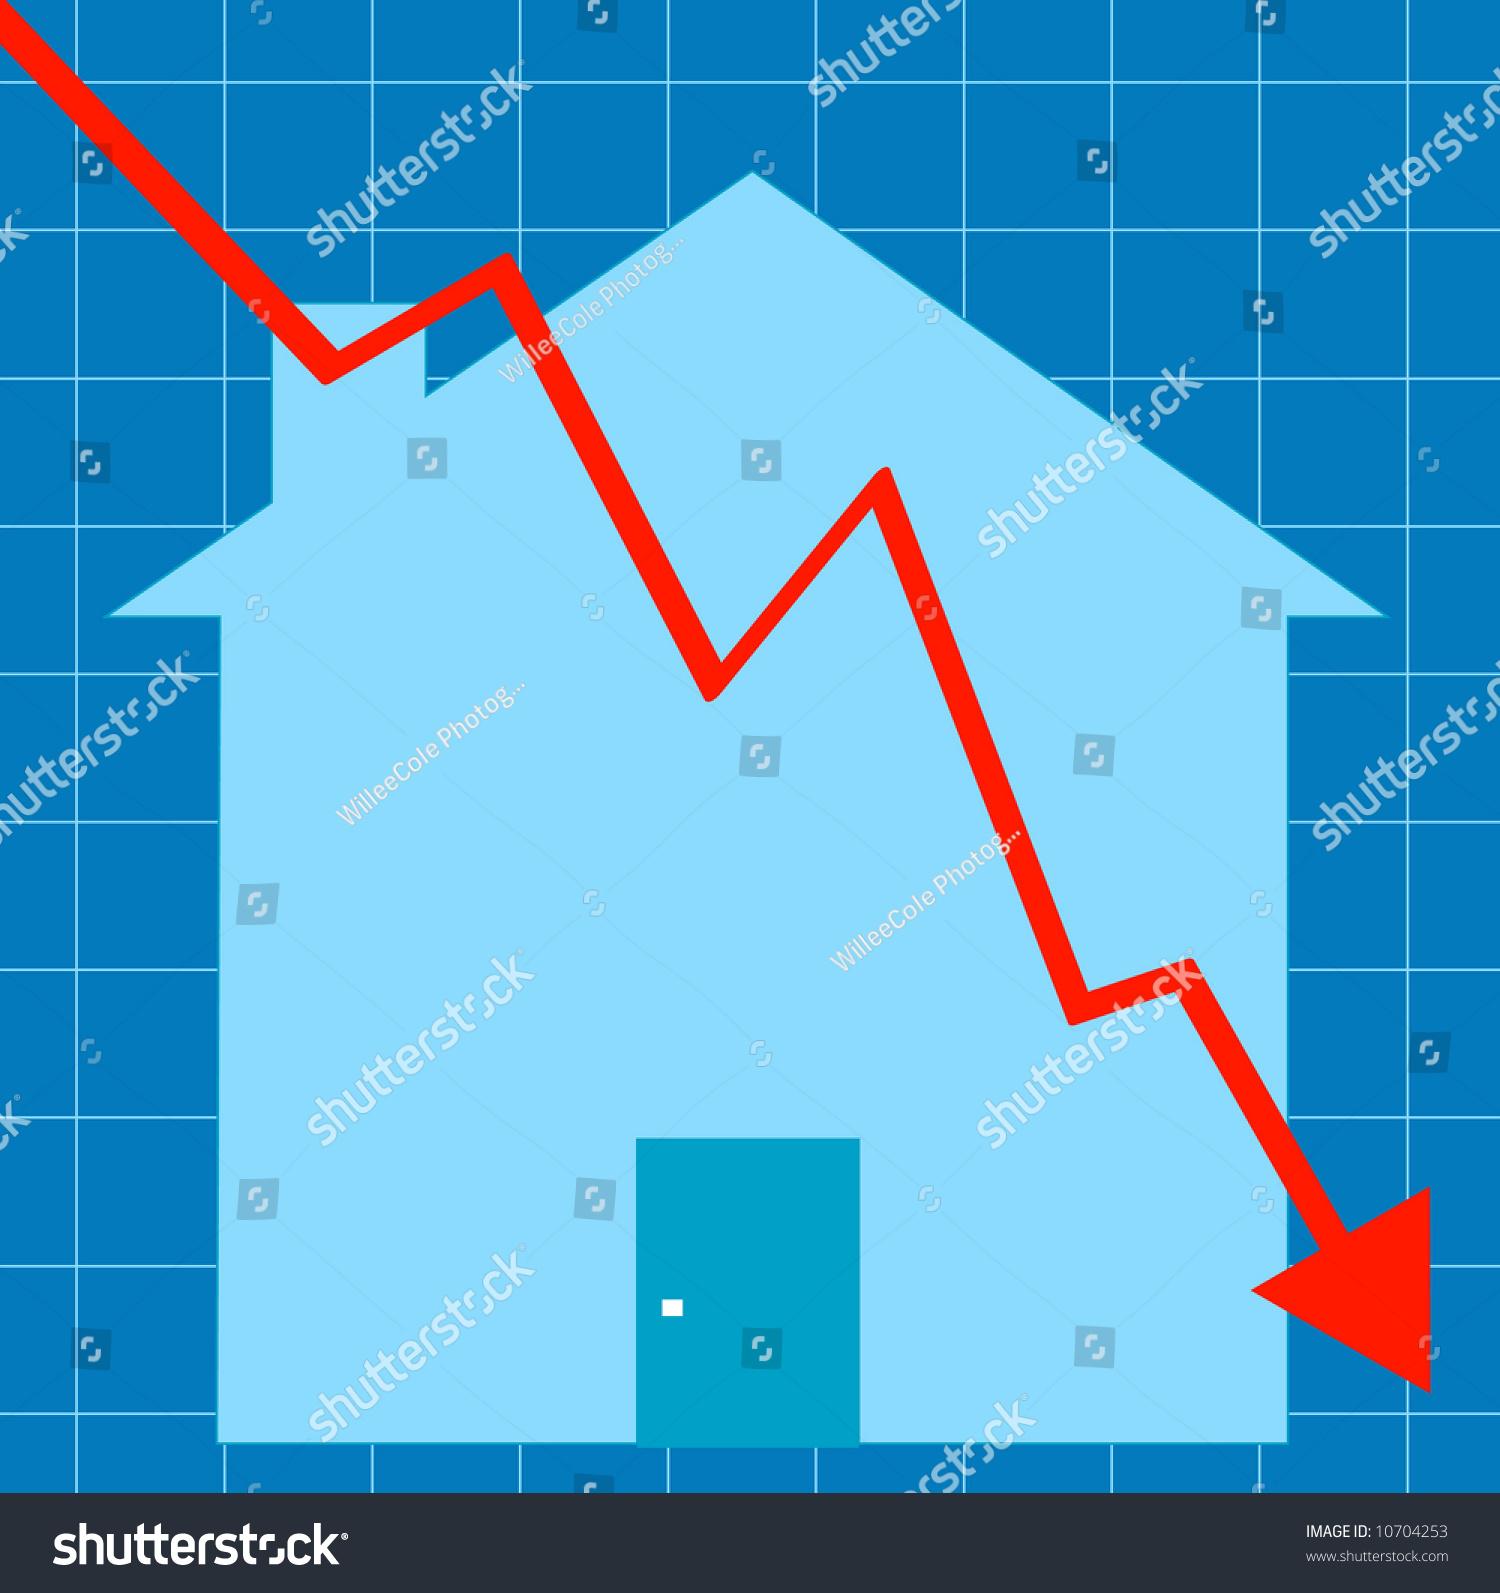 Home Design 3d Keeps Crashing: Crashing Housing Market